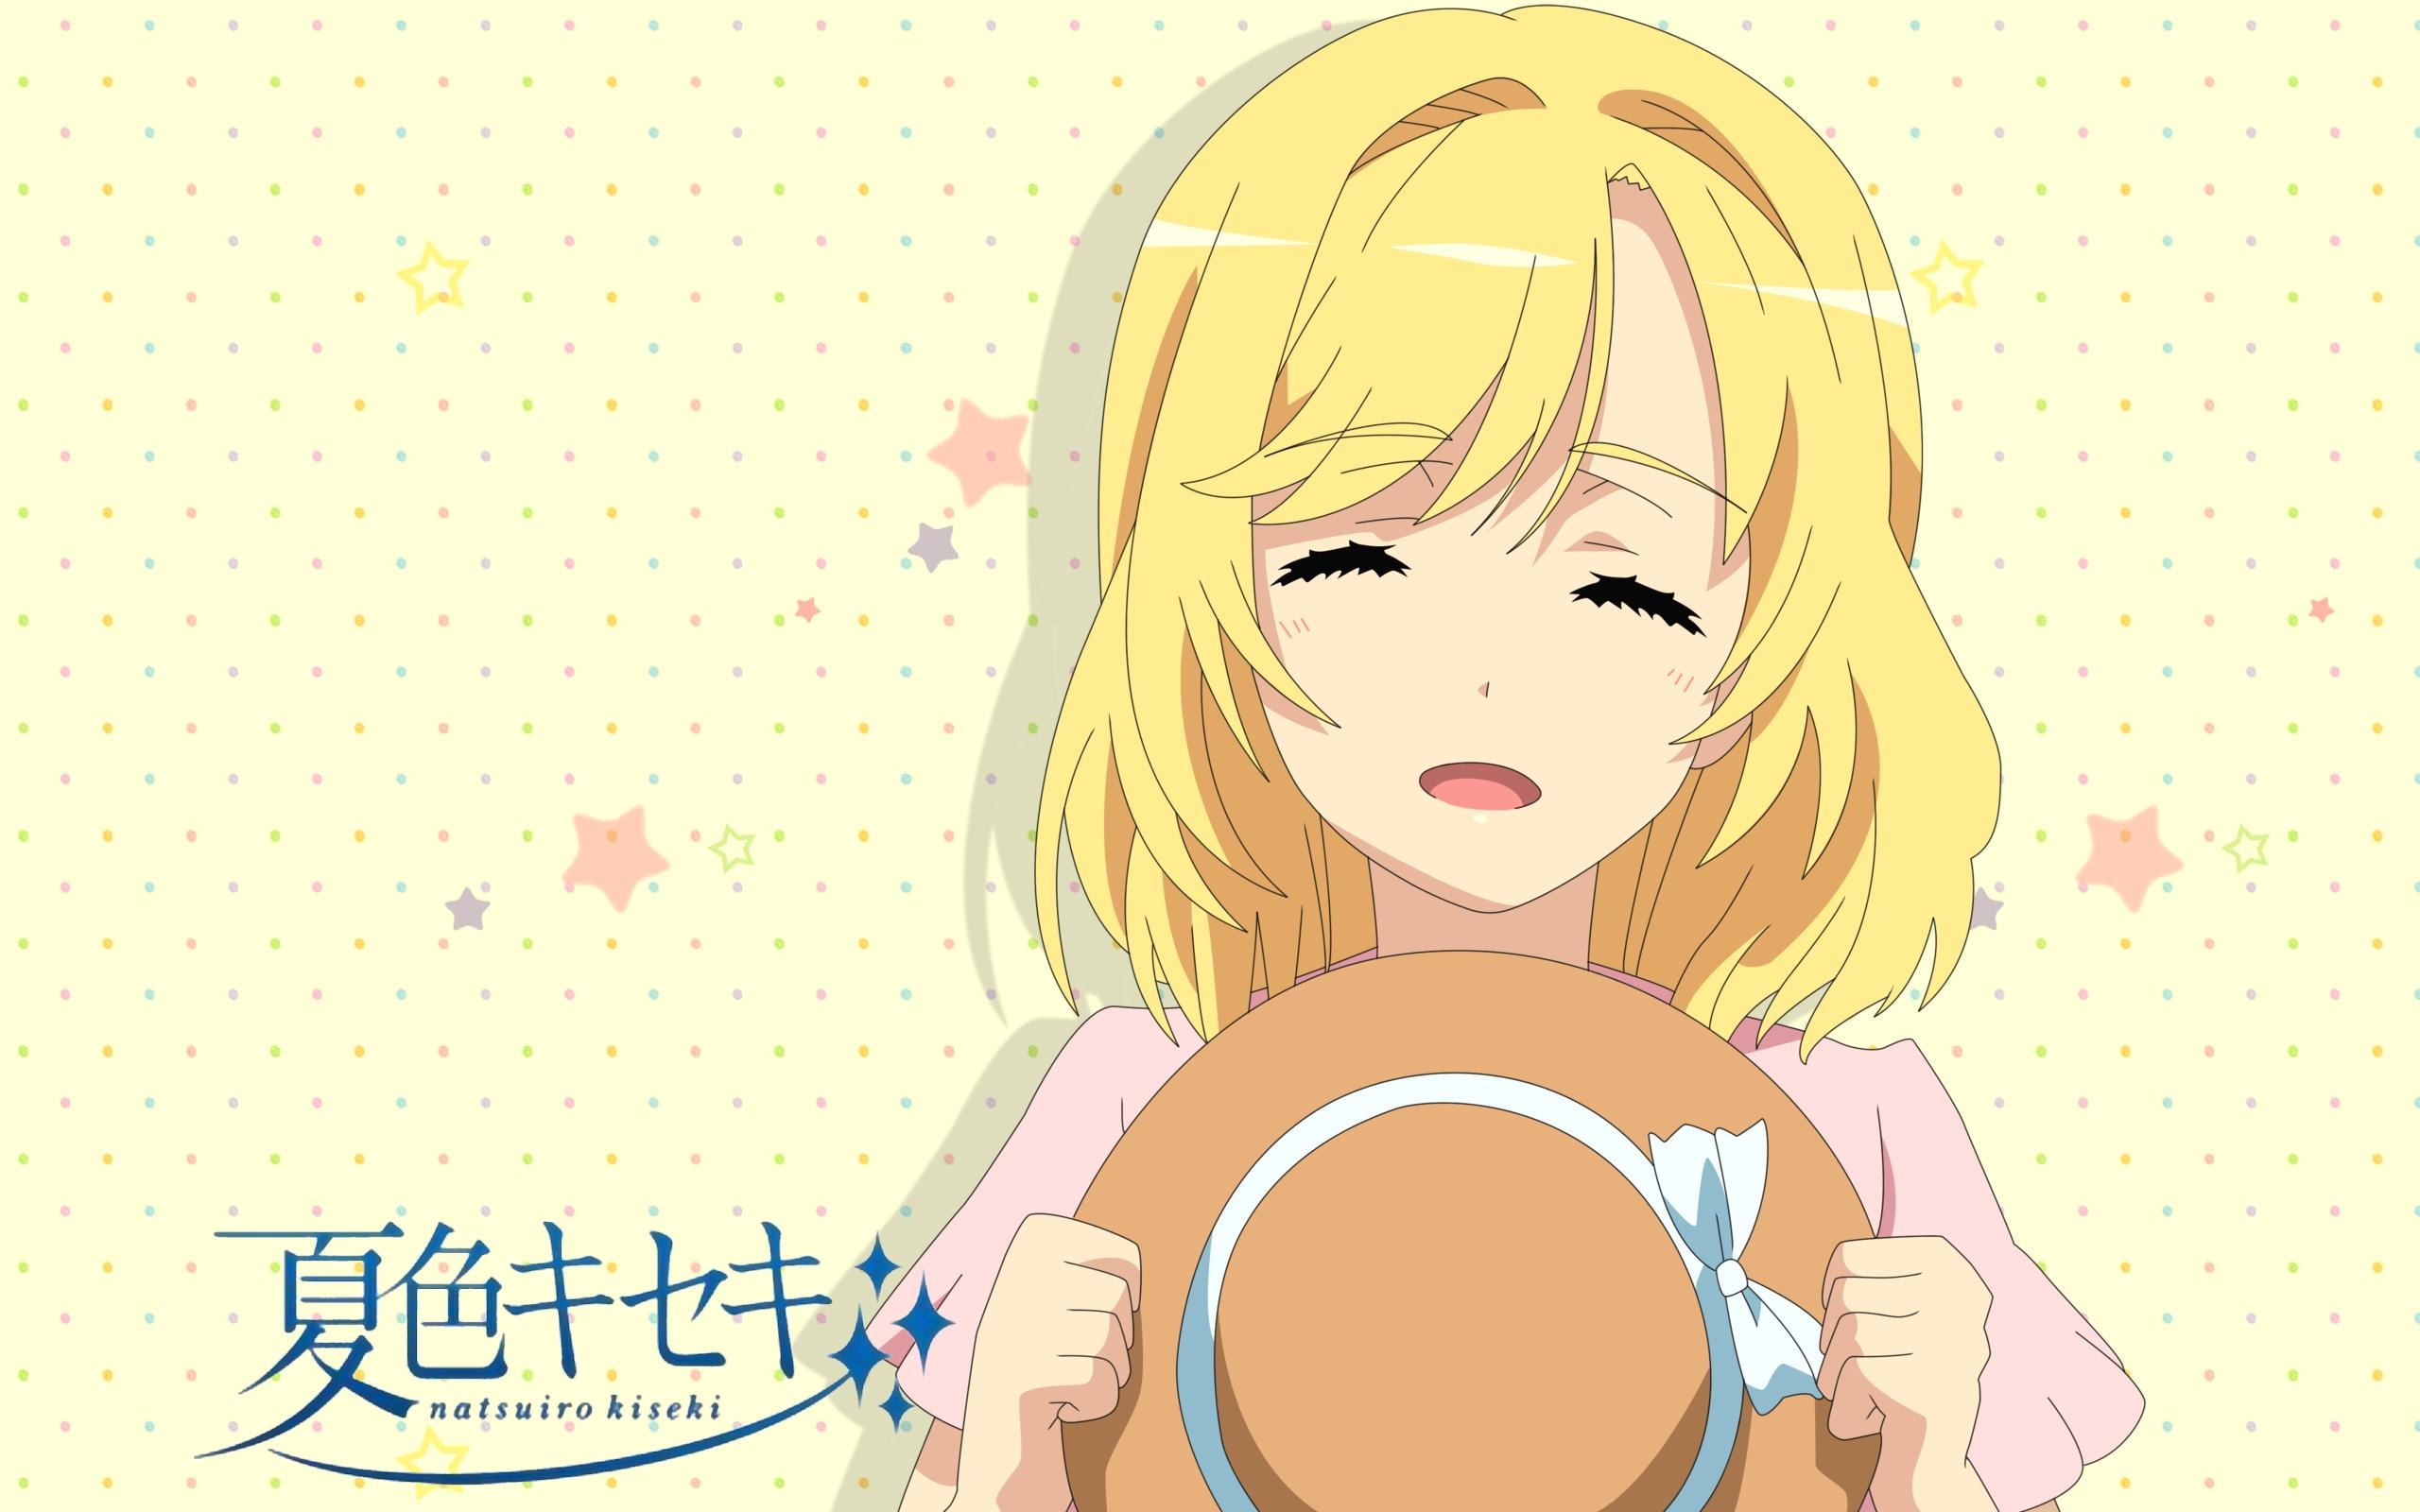 夏色キセキ_03_2560_1600.jpg